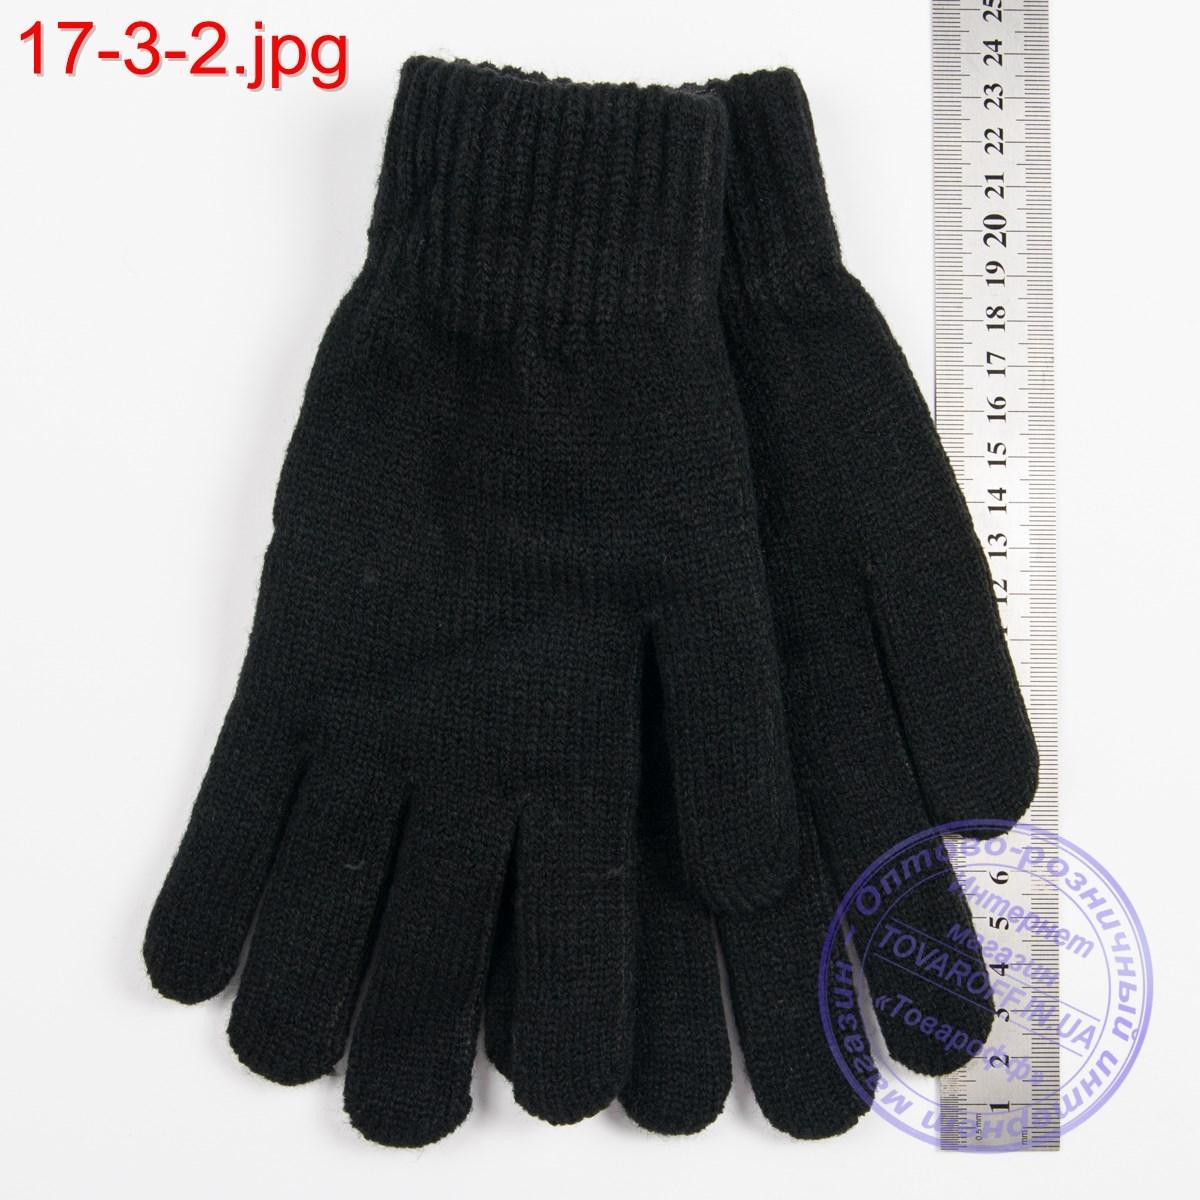 Оптом вязаные женские перчатки с начесом - №17-3-2